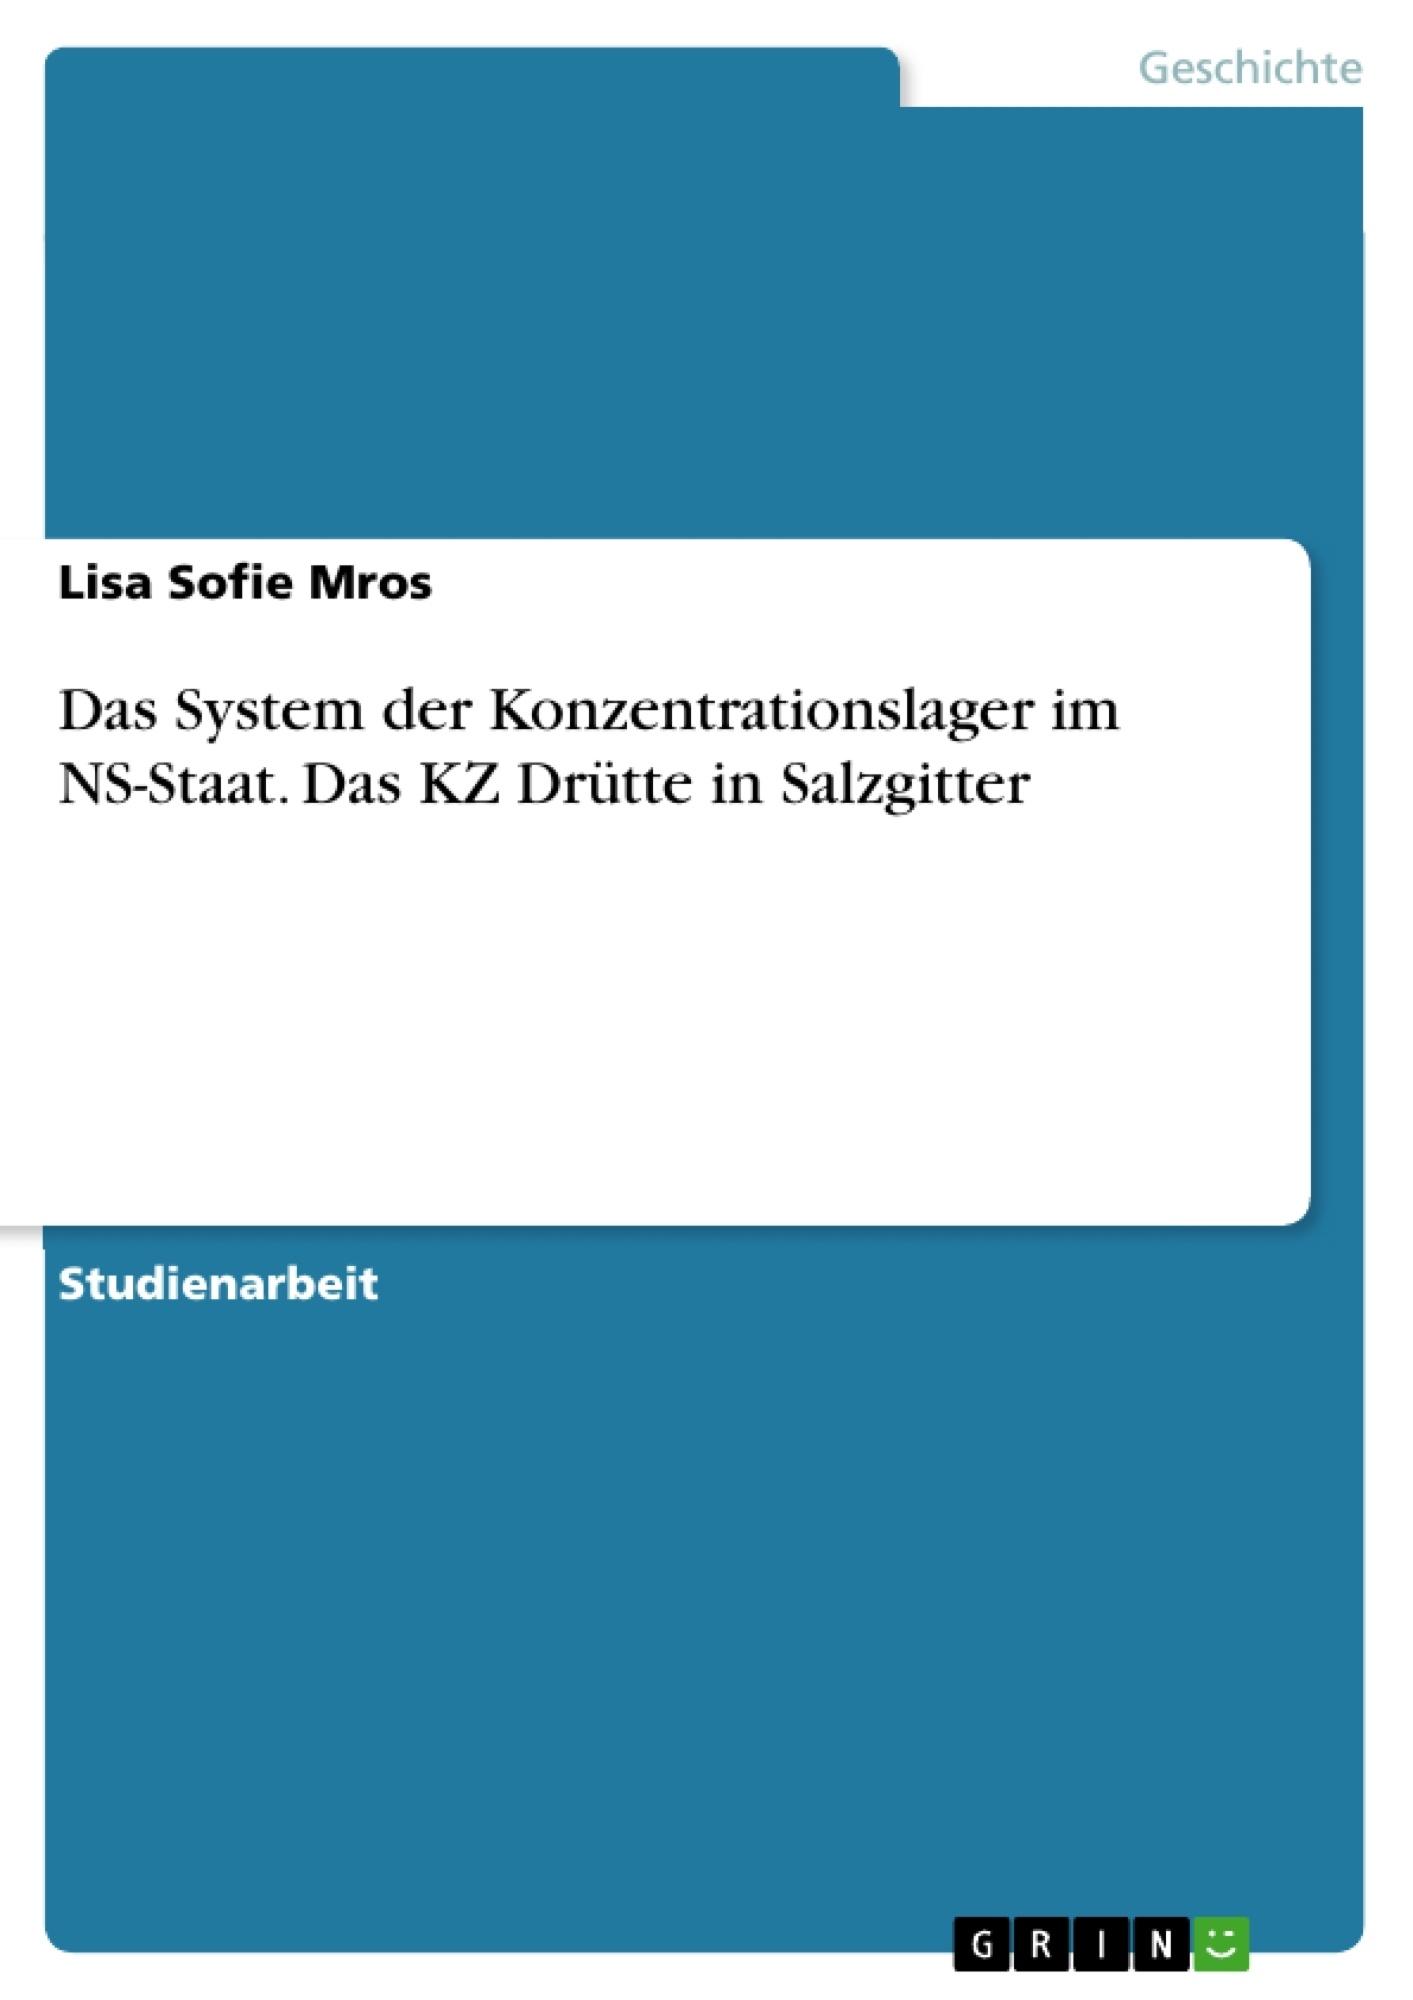 Titel: Das System der Konzentrationslager im NS-Staat. Das KZ Drütte in Salzgitter